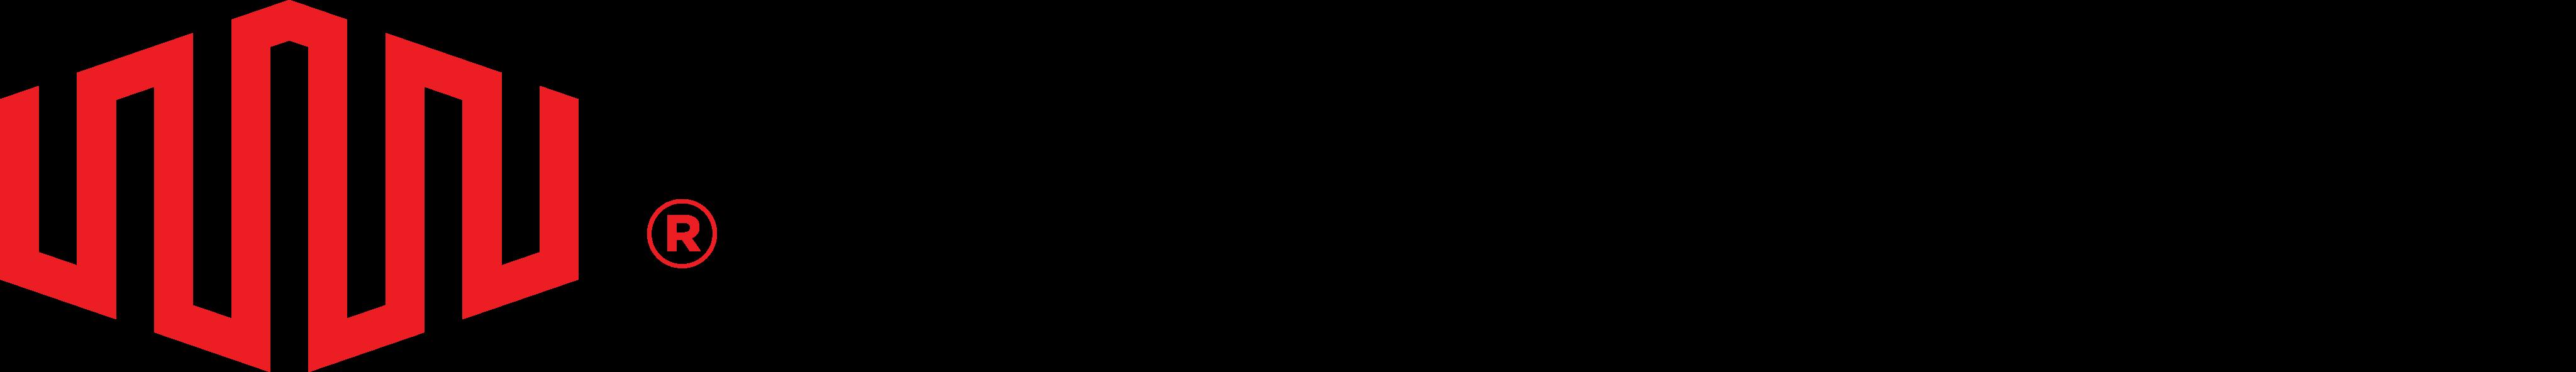 equinix logo - Equinix Logo